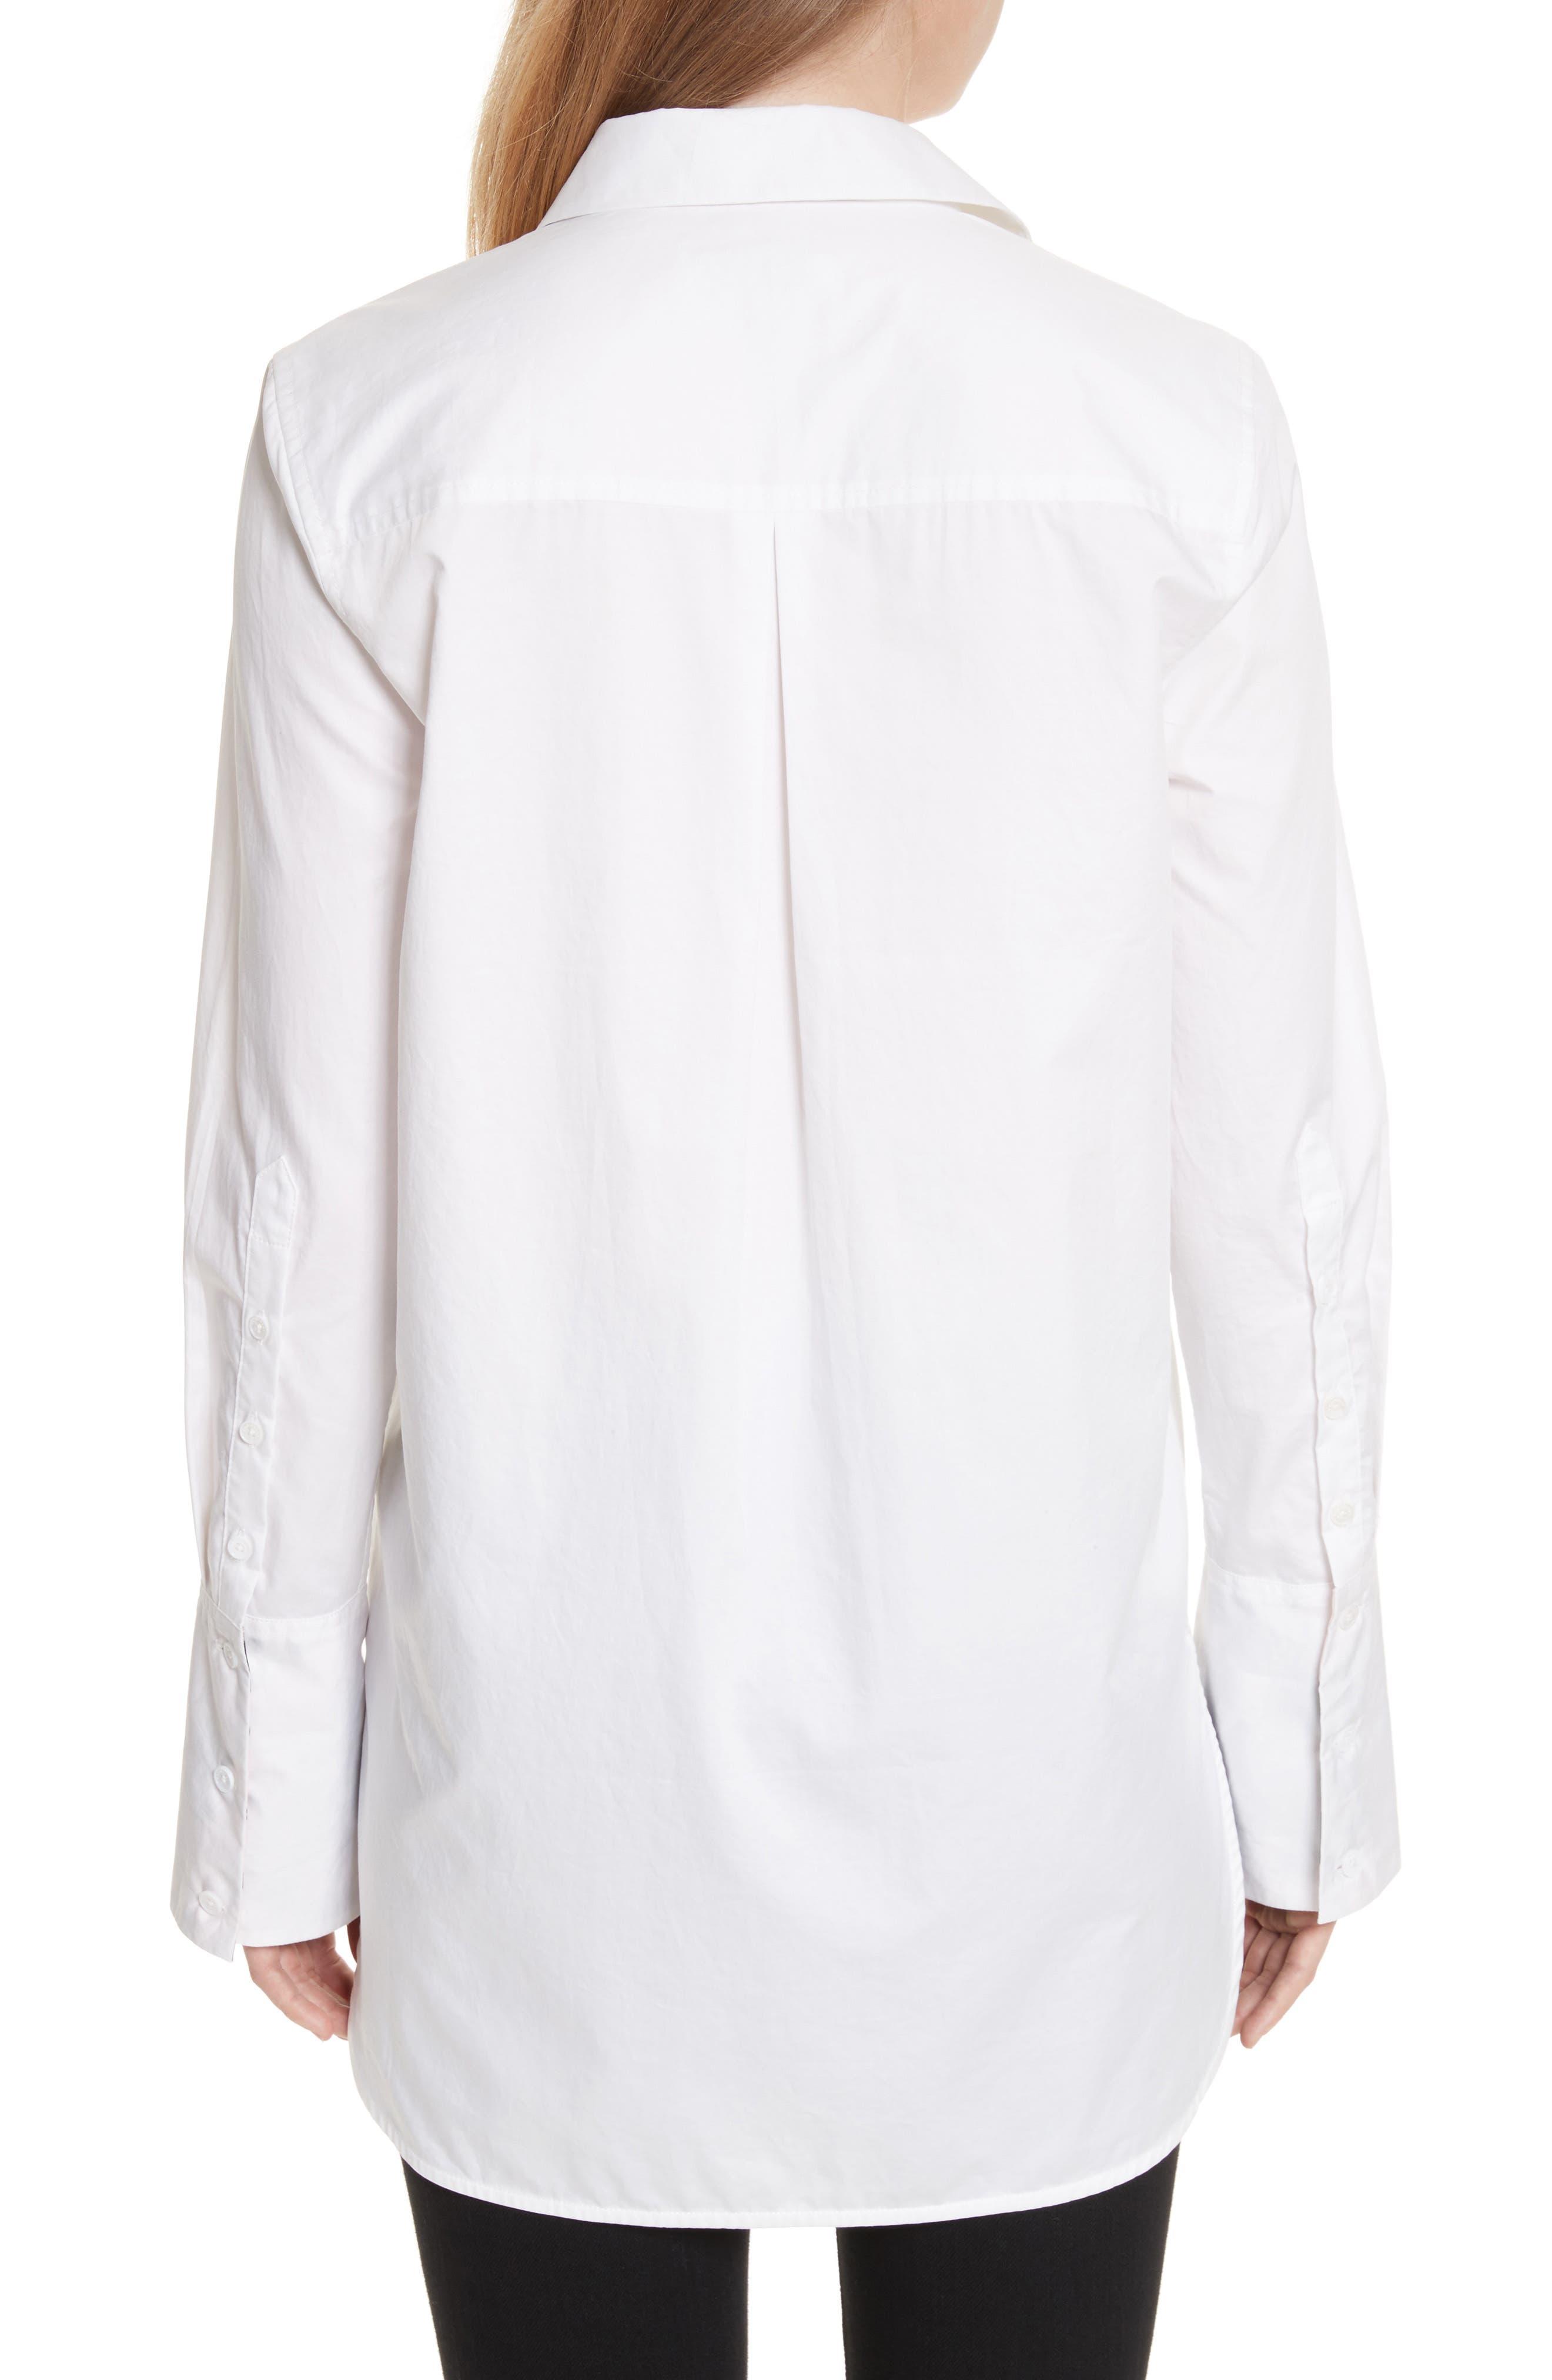 Arlette Cotton Shirt,                             Alternate thumbnail 2, color,                             111